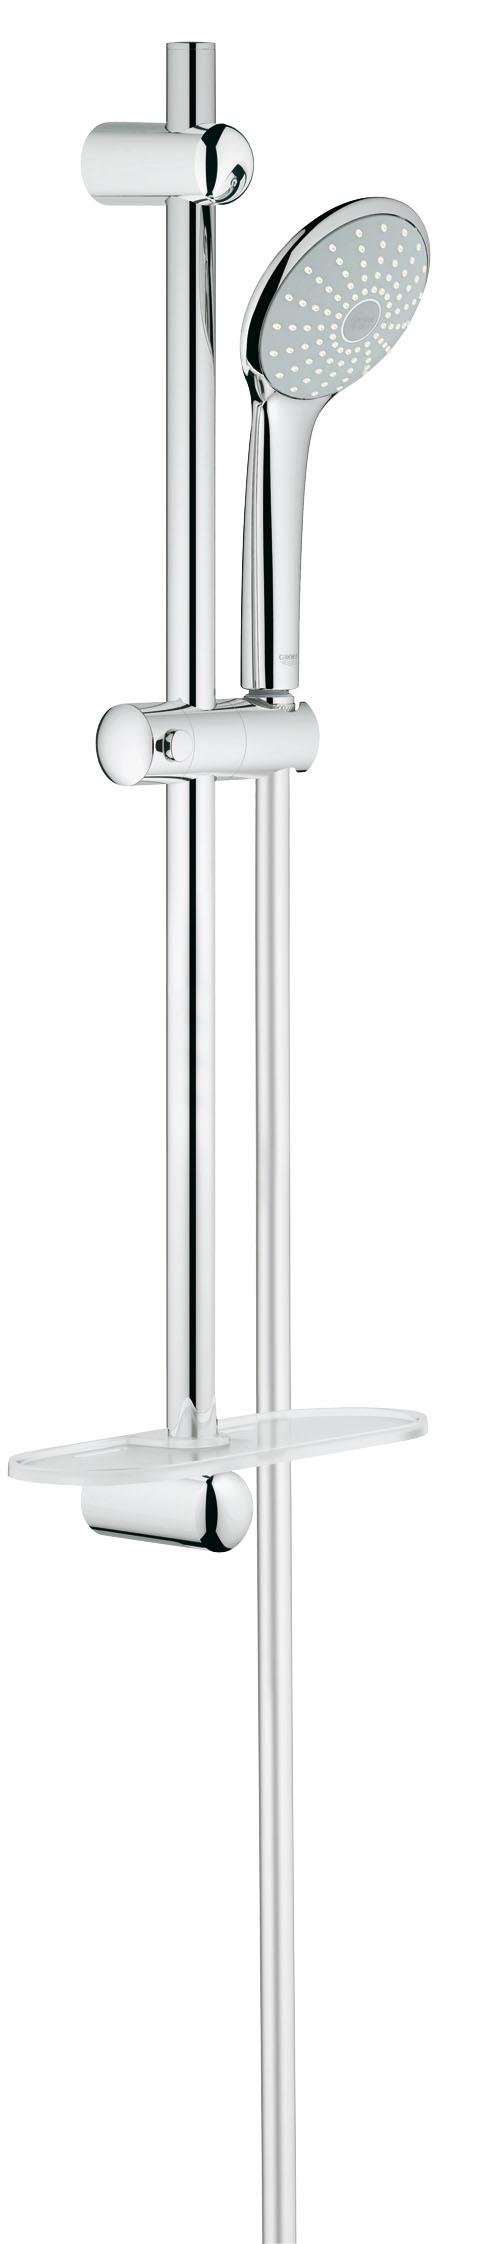 Душевой комплект GROHE Euphoria, штанга 600мм. (27266001) цена